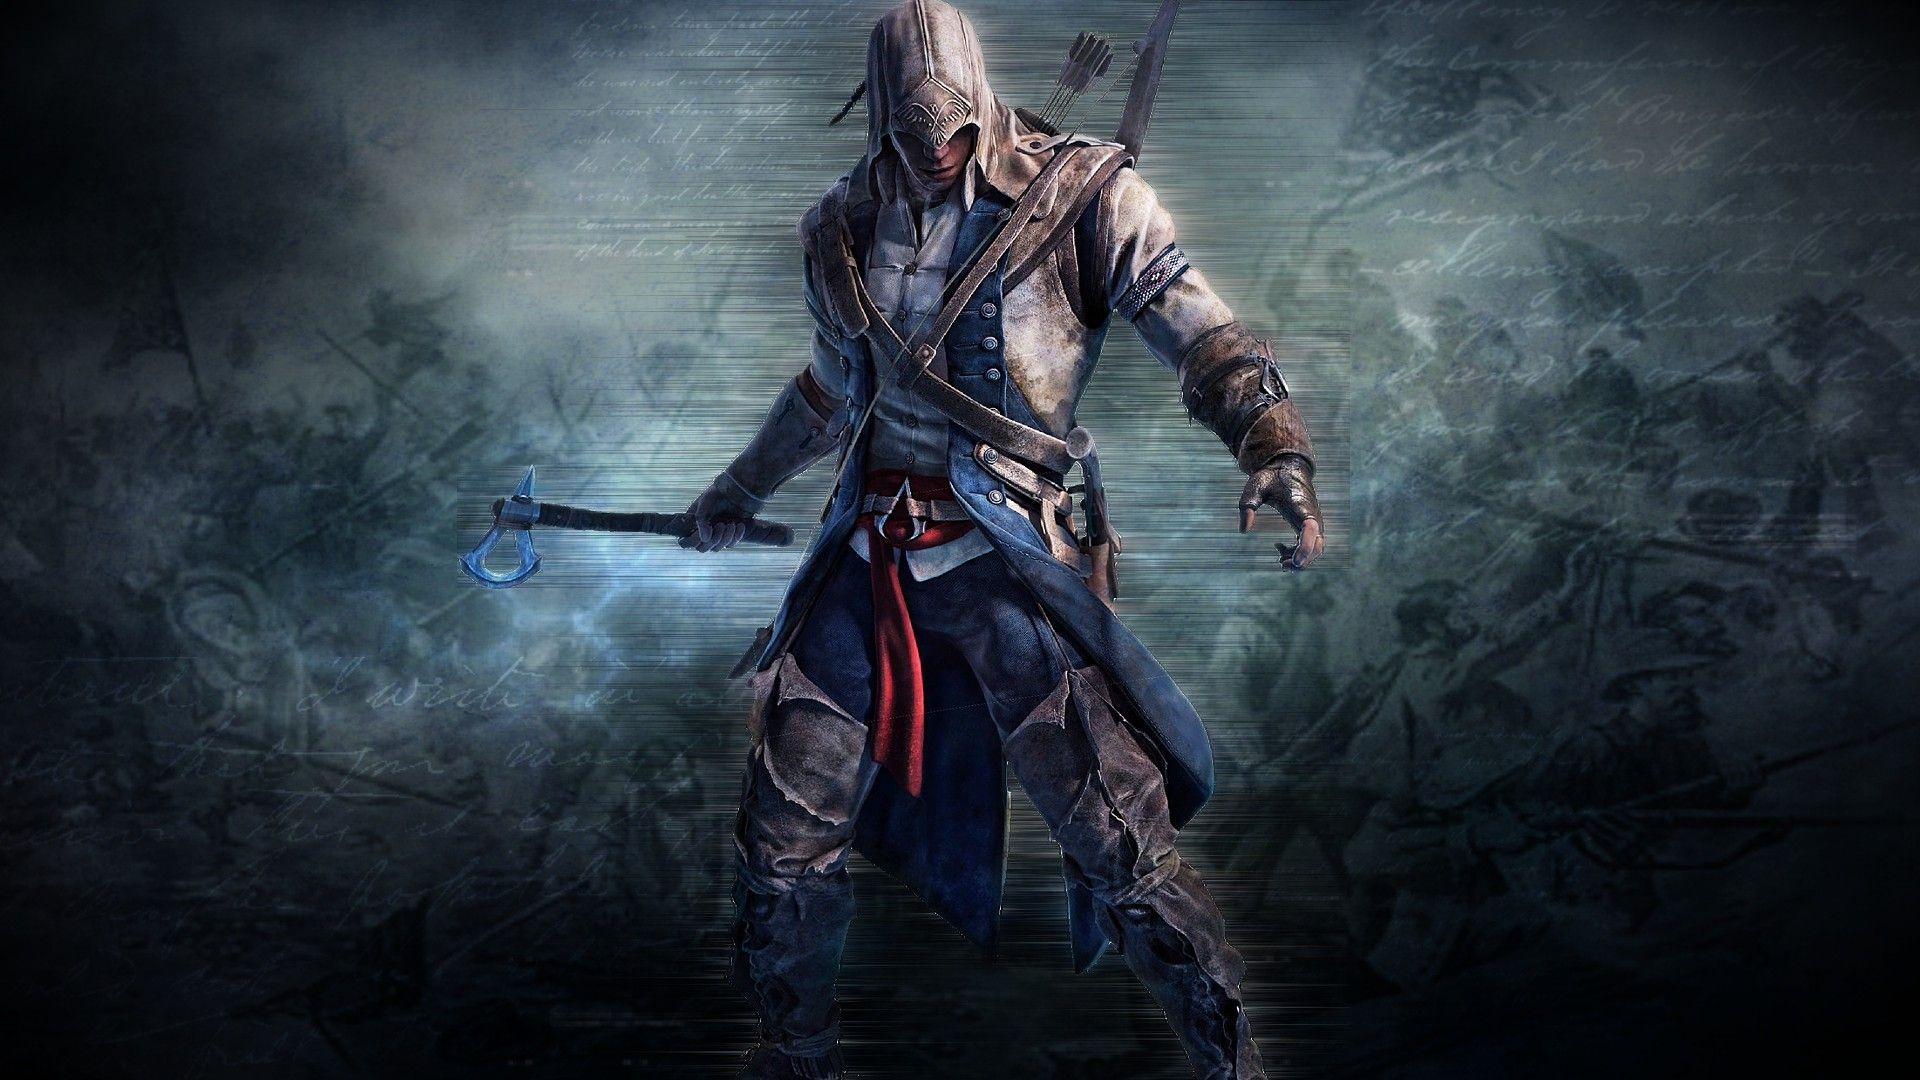 Assassins Creed Symbol Wallpapers Wallpaper 1920x1080